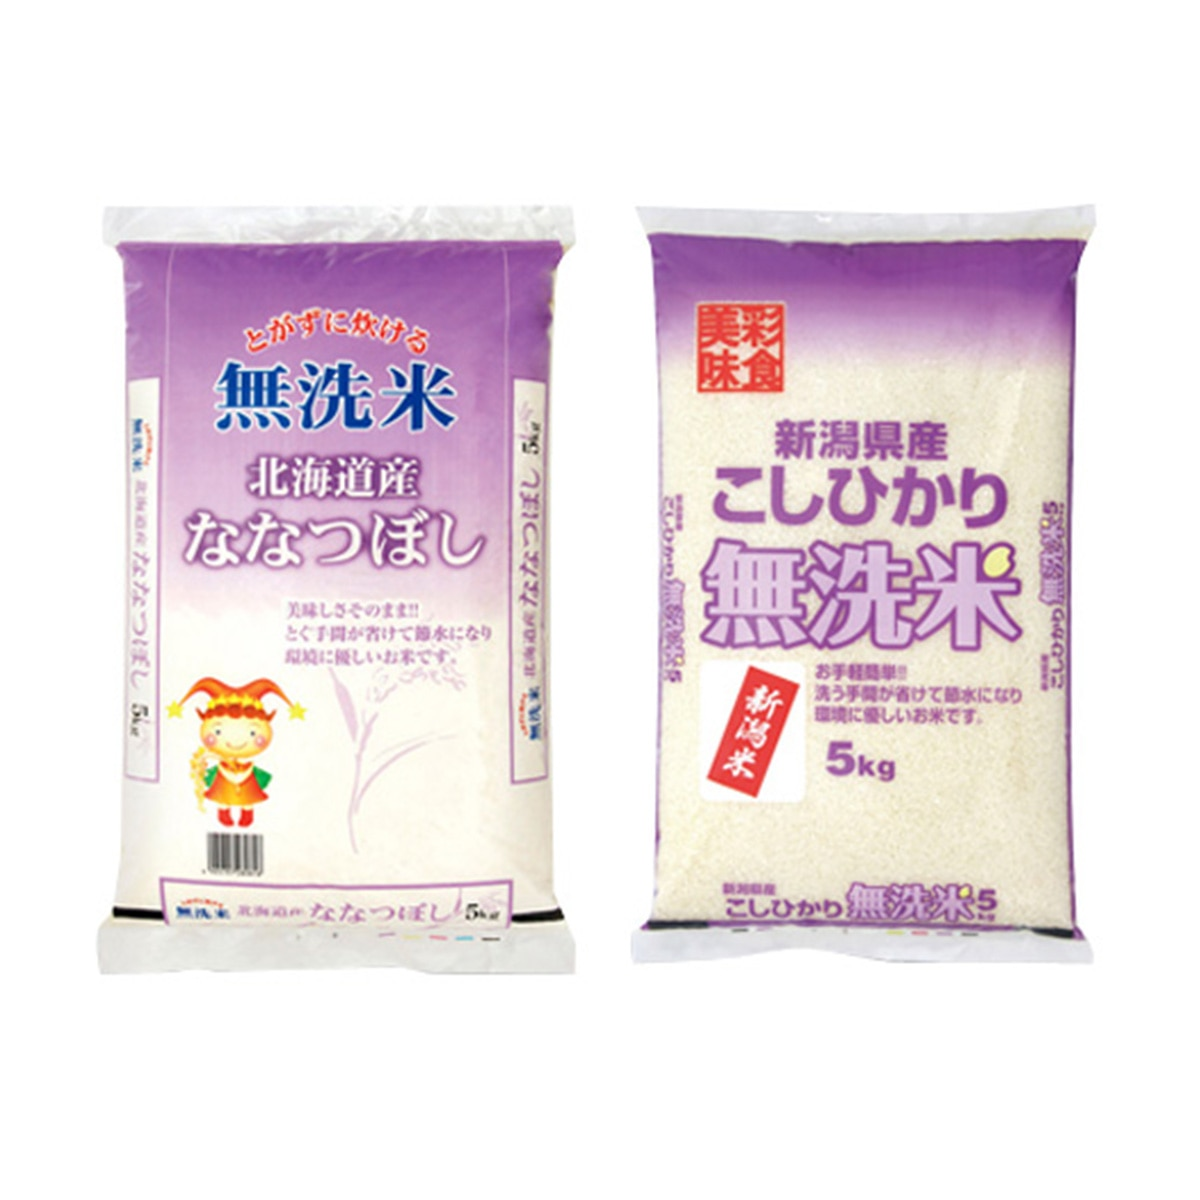 ■◇無洗米 令和2年産 北海道産 特A ななつぼし 5kg(1袋) ■◇無洗米 令和2年産 新潟県産 コシヒカリ 5kg(1袋) セット